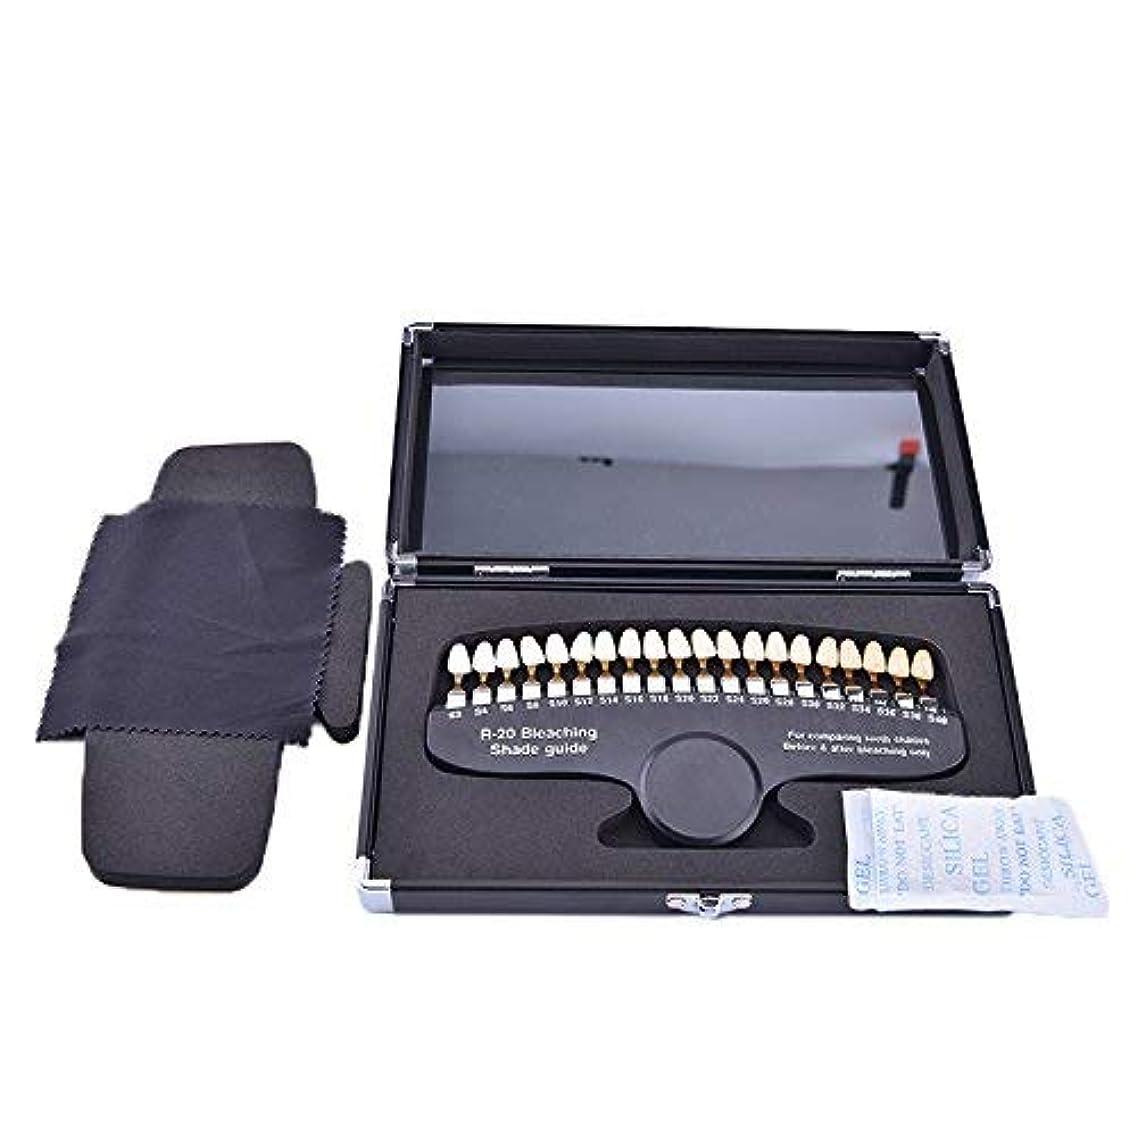 タックル救出種類デンタル ホワイトニング シェード ガイドー 20色デンタル専用抜ける歯列模型ボード 鏡付き